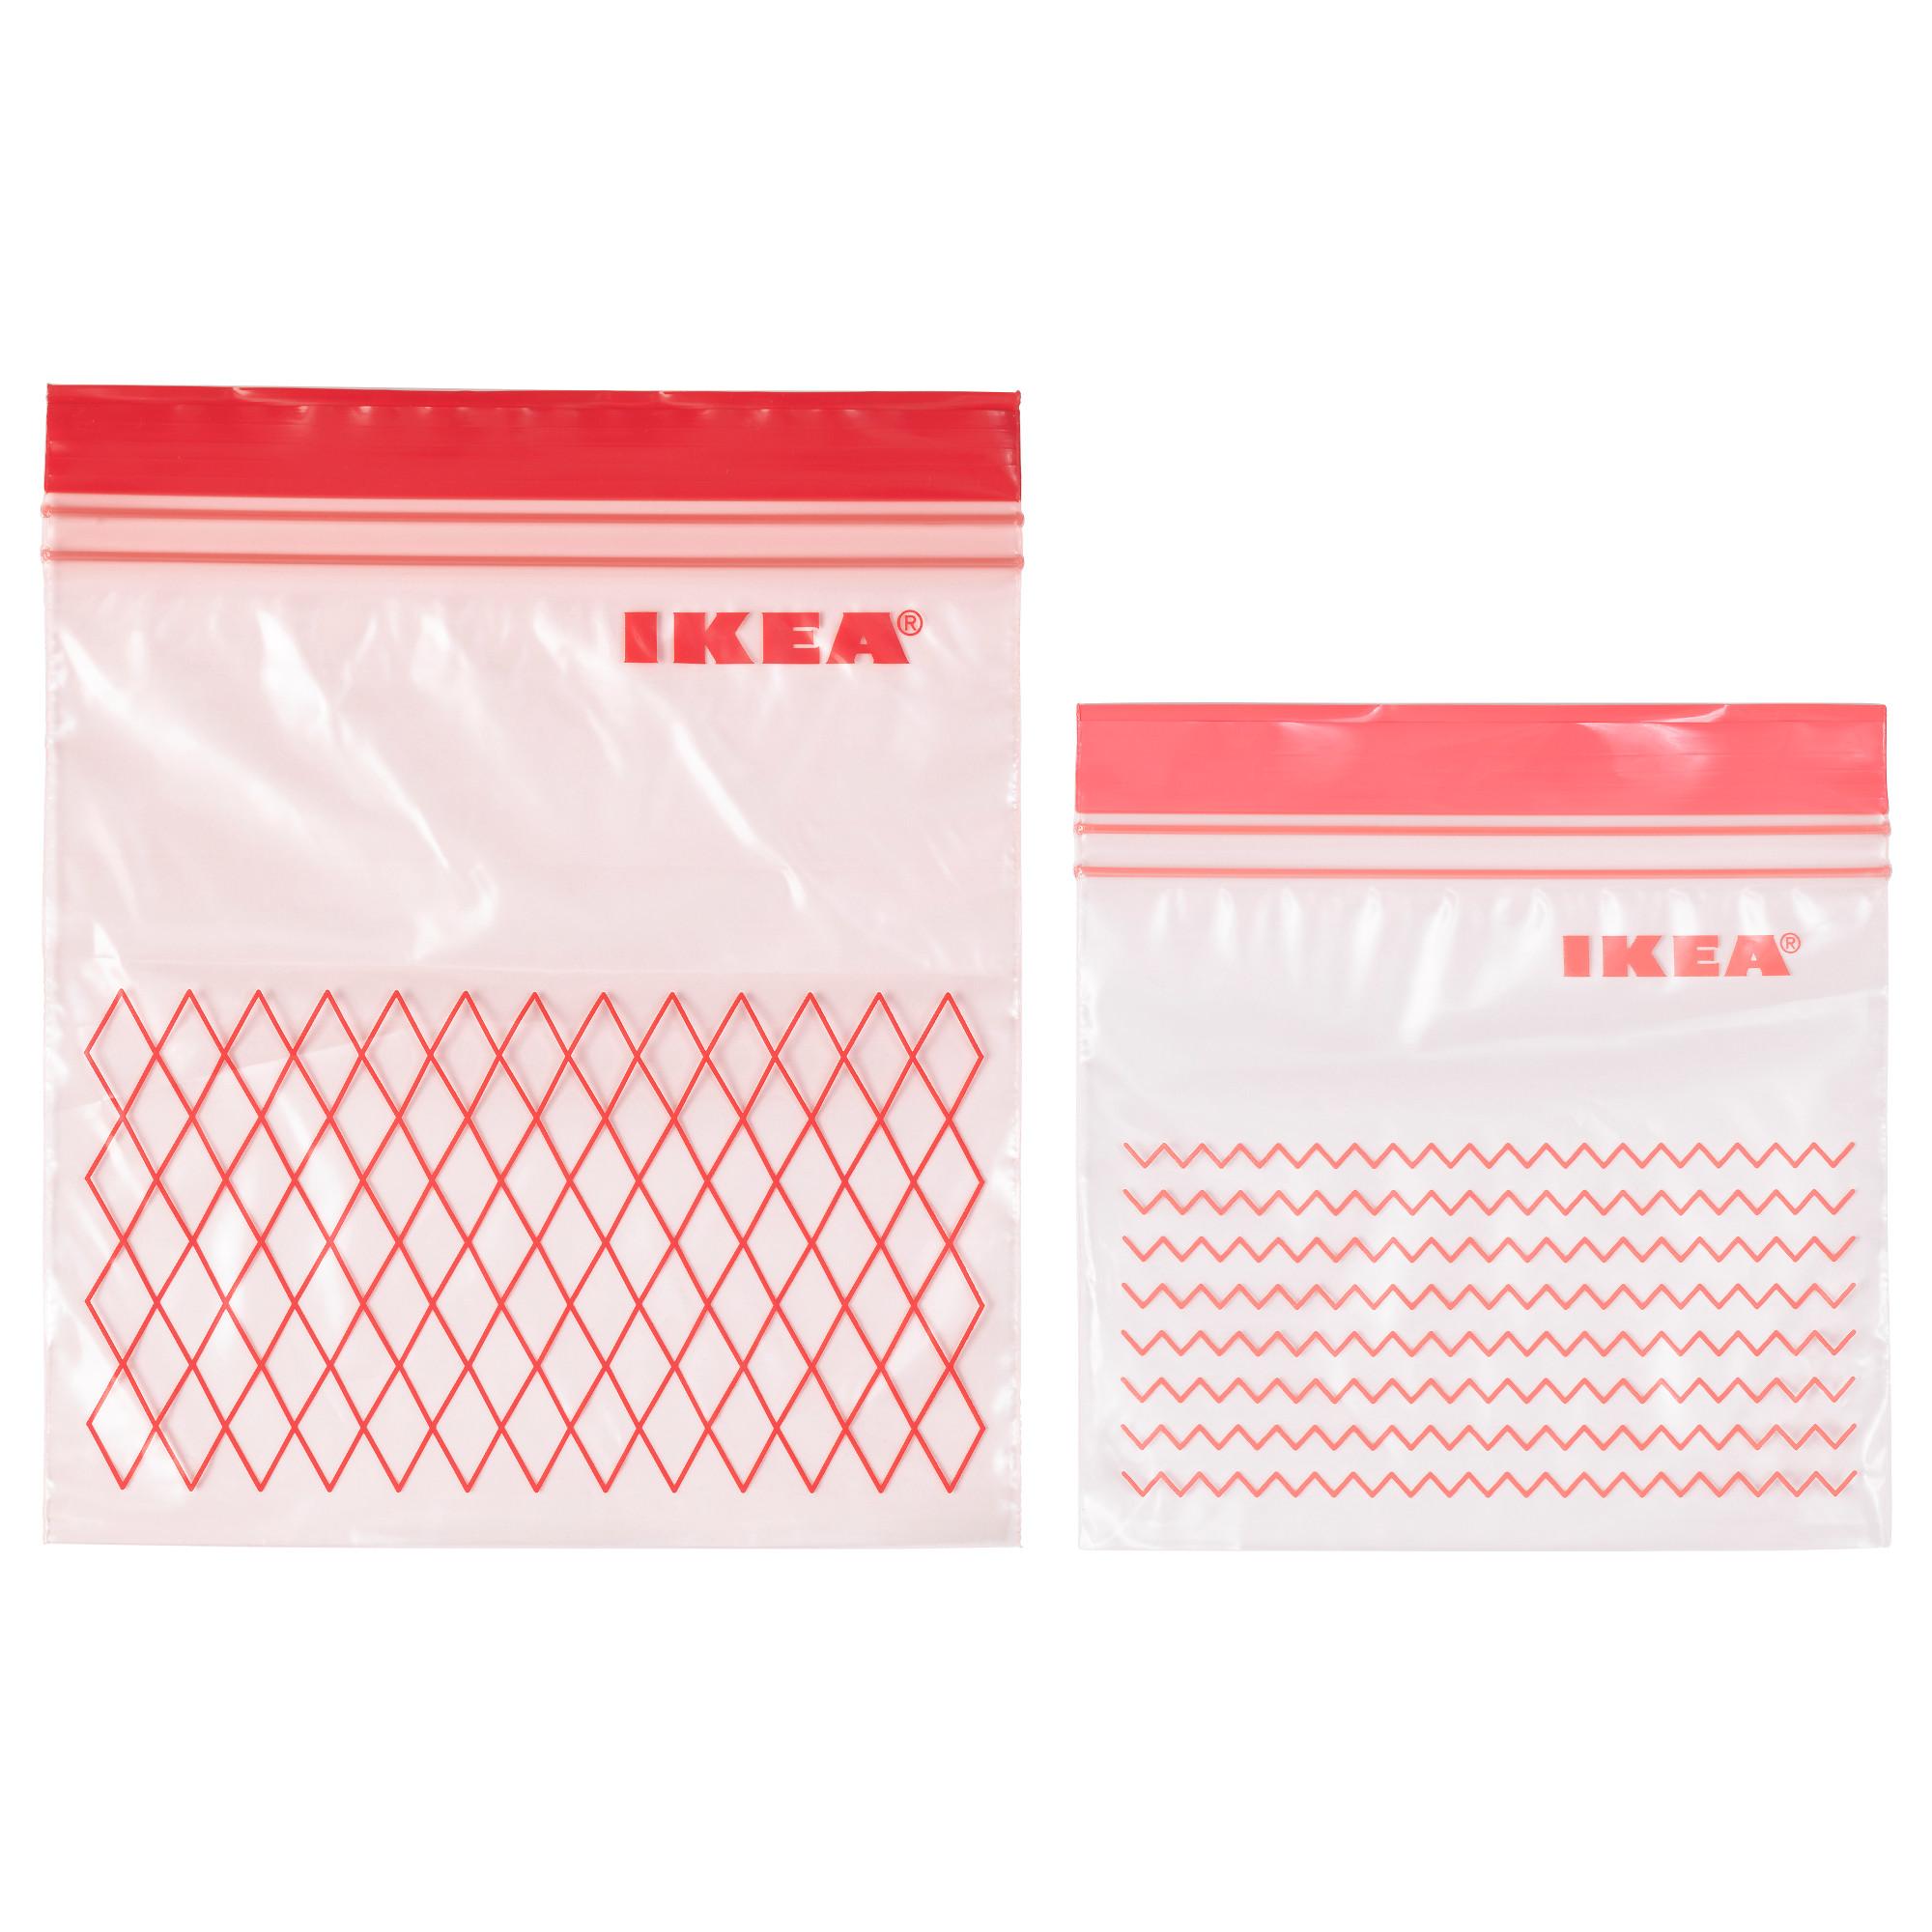 Пакет пластиковый ИСТАД красный артикуль № 203.392.84 в наличии. Интернет магазин ИКЕА Беларусь. Недорогая доставка и установка.